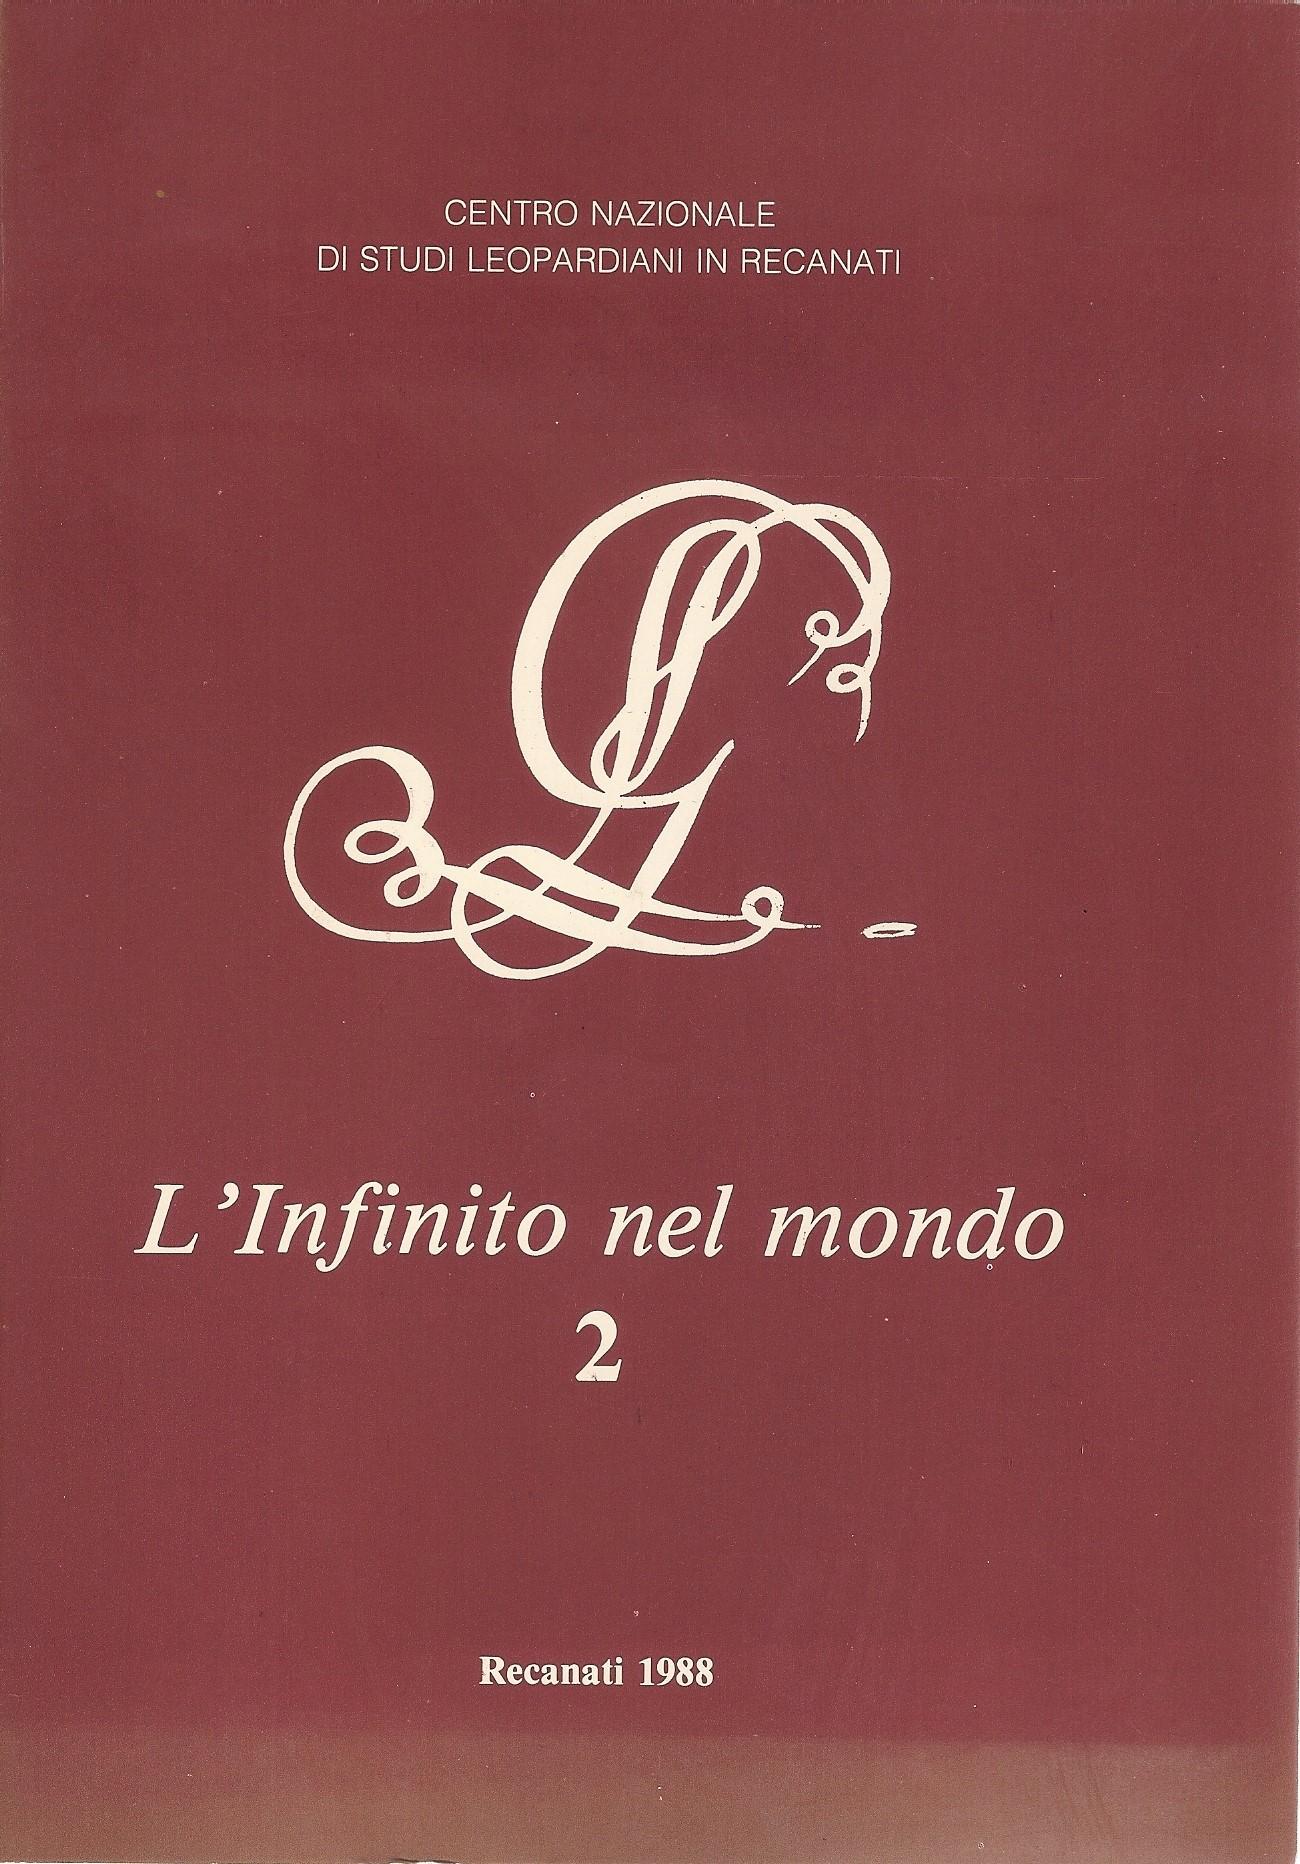 Per una rinnovata lettura dell'idillio L'infinito  del Conte Giacomo Leopardi